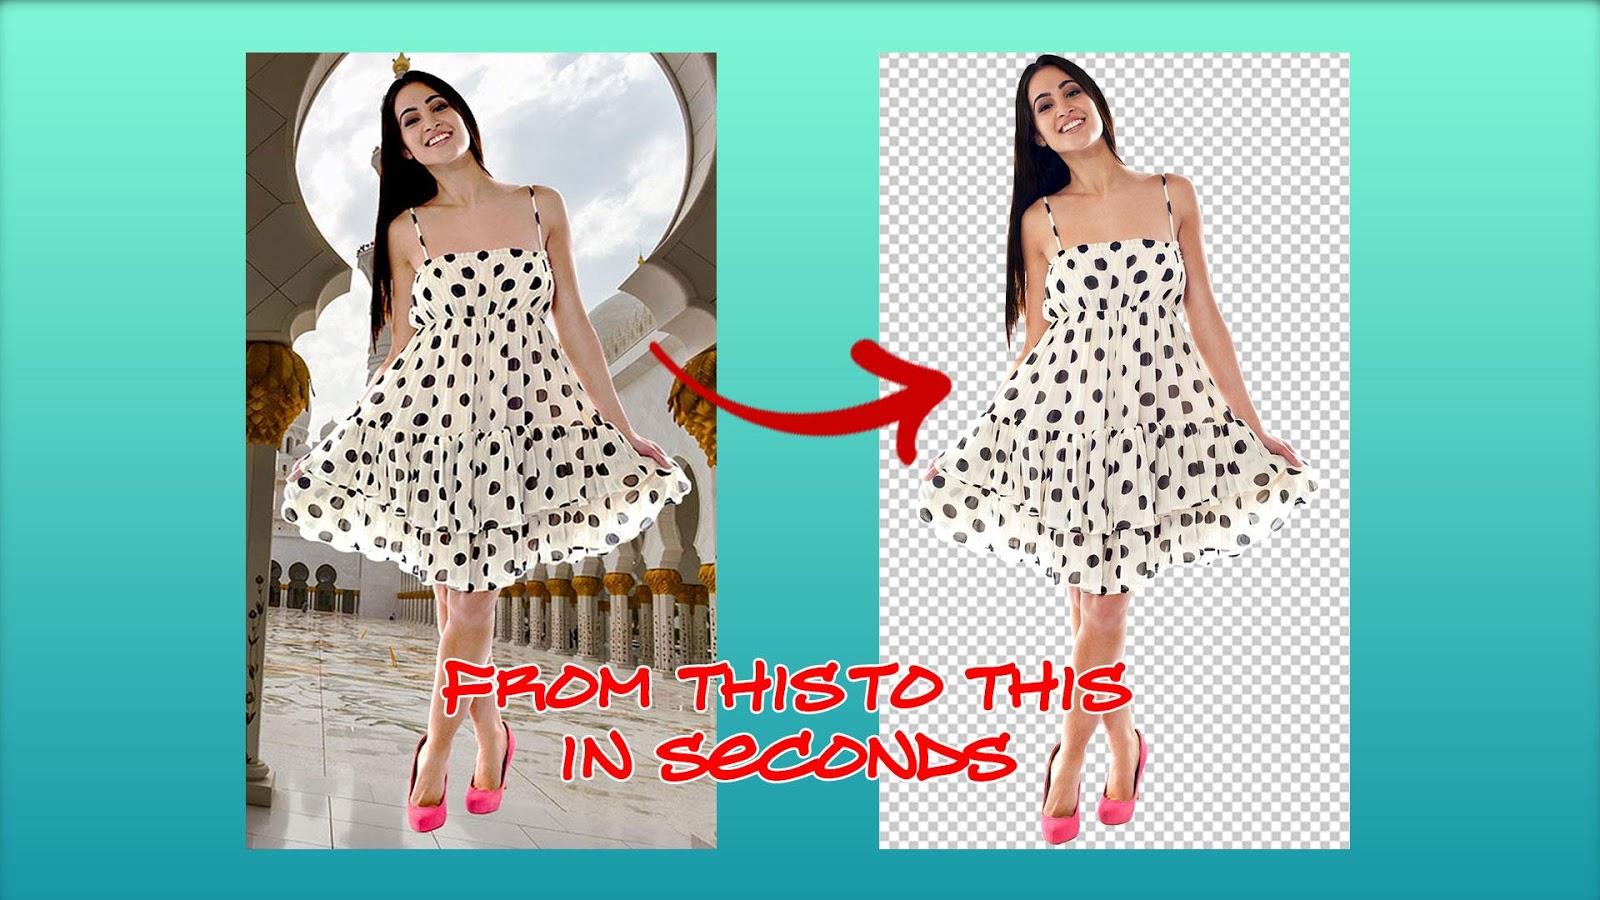 Background image remover free - Background Remover Eraser Screenshot